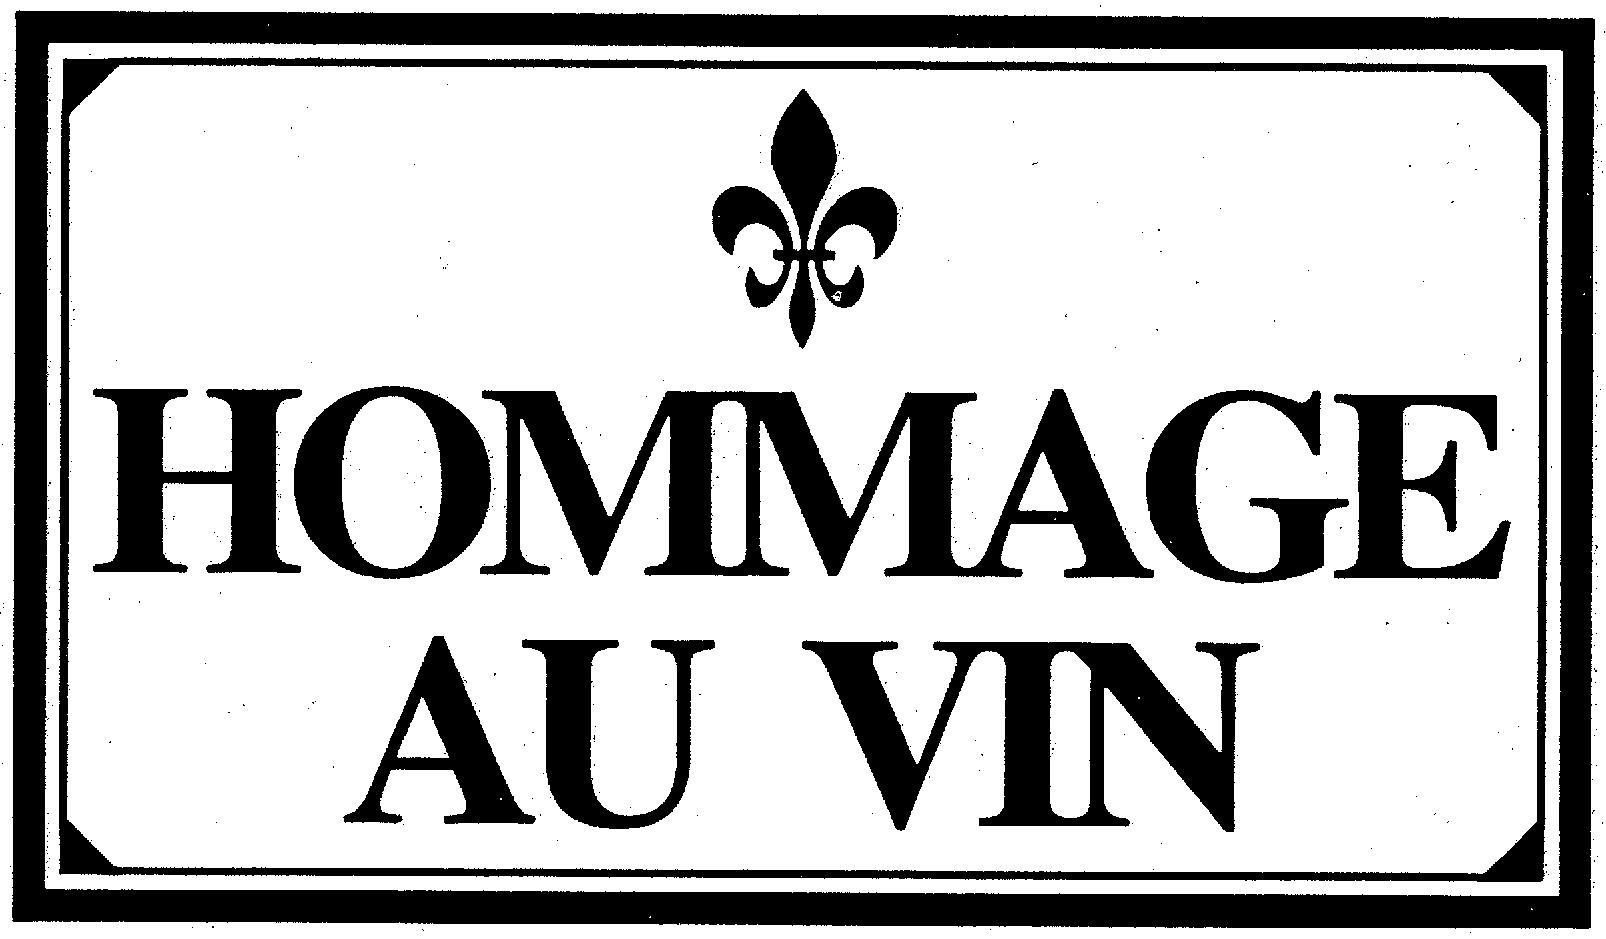 HOMMAGE AU VIN